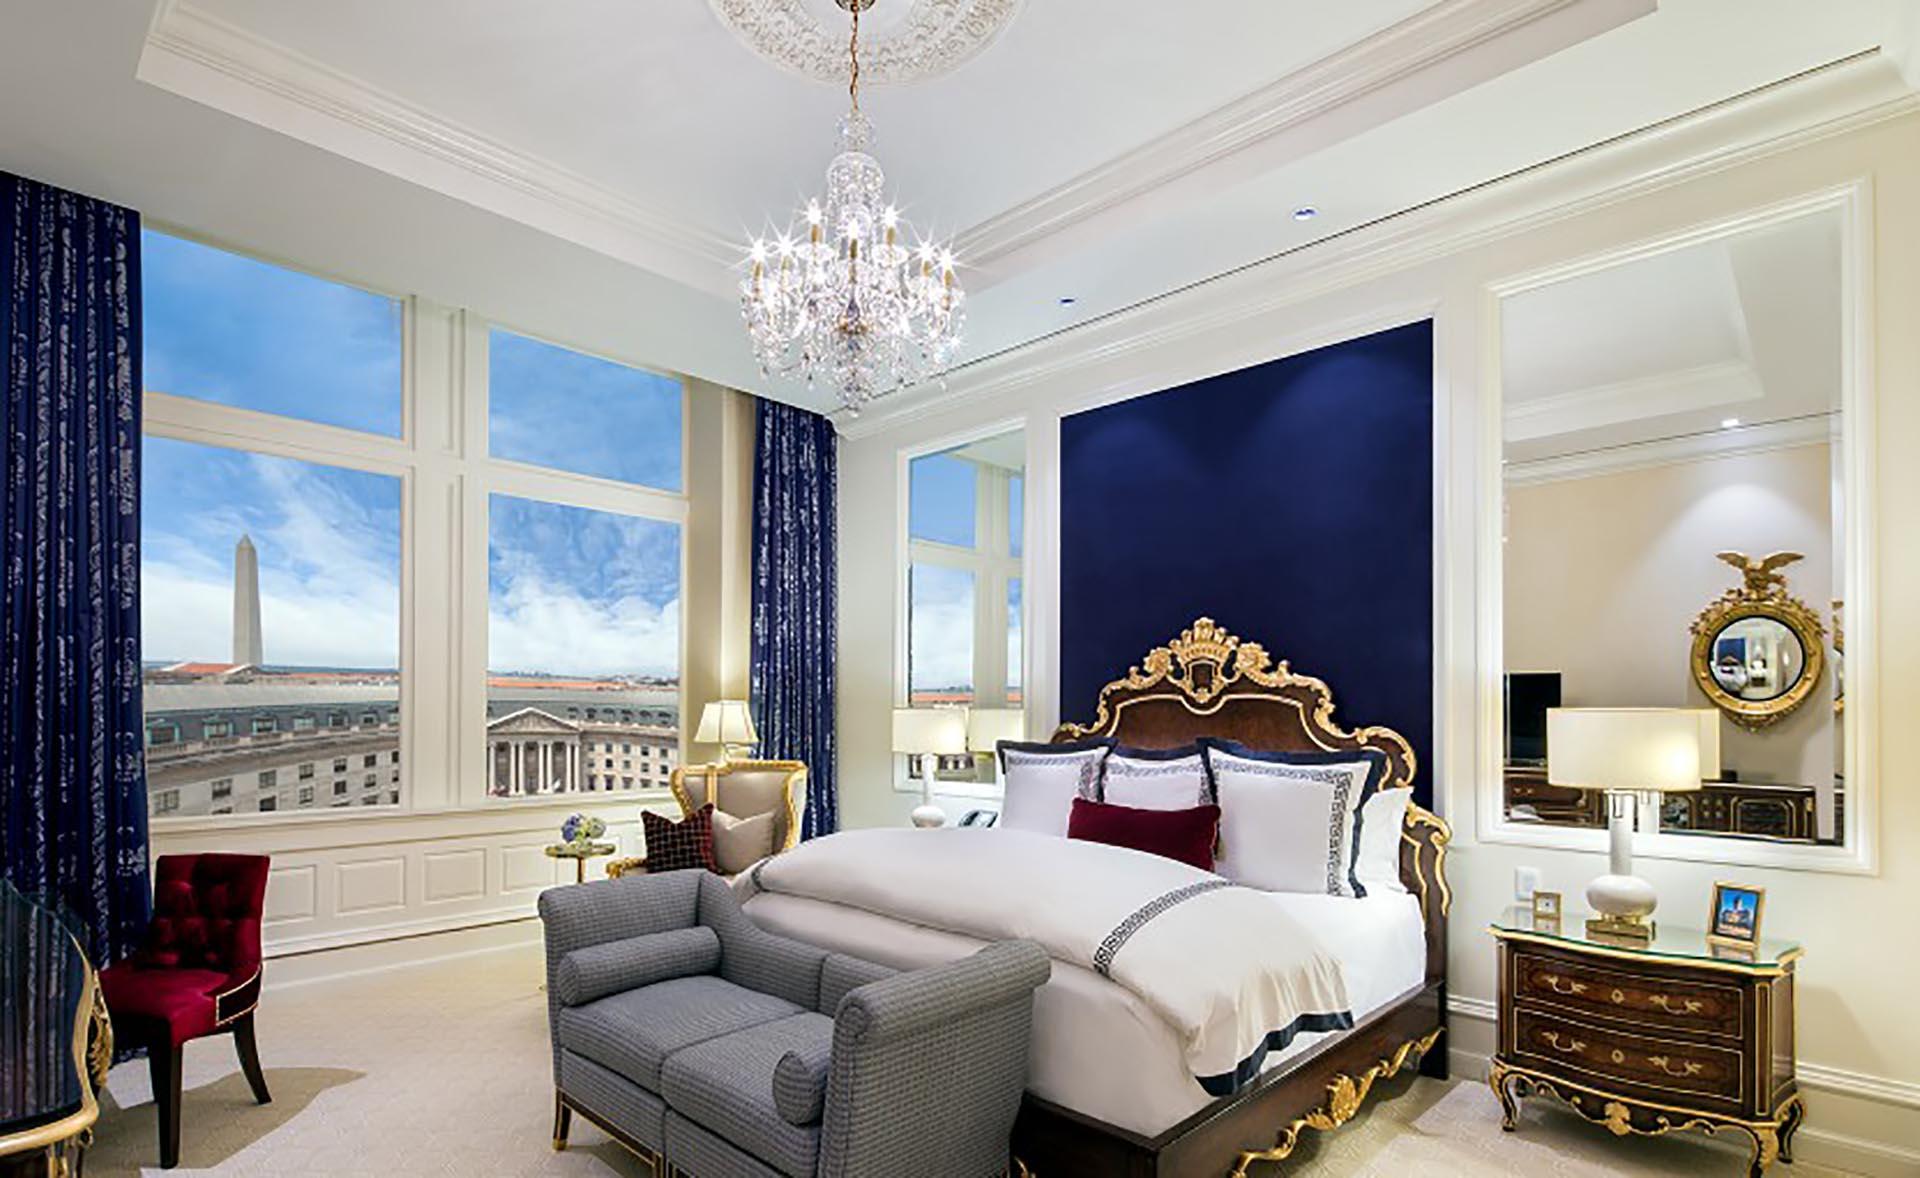 La suite presidencial. Puede permanecer allí una noche por sólo… 9.600 dólares